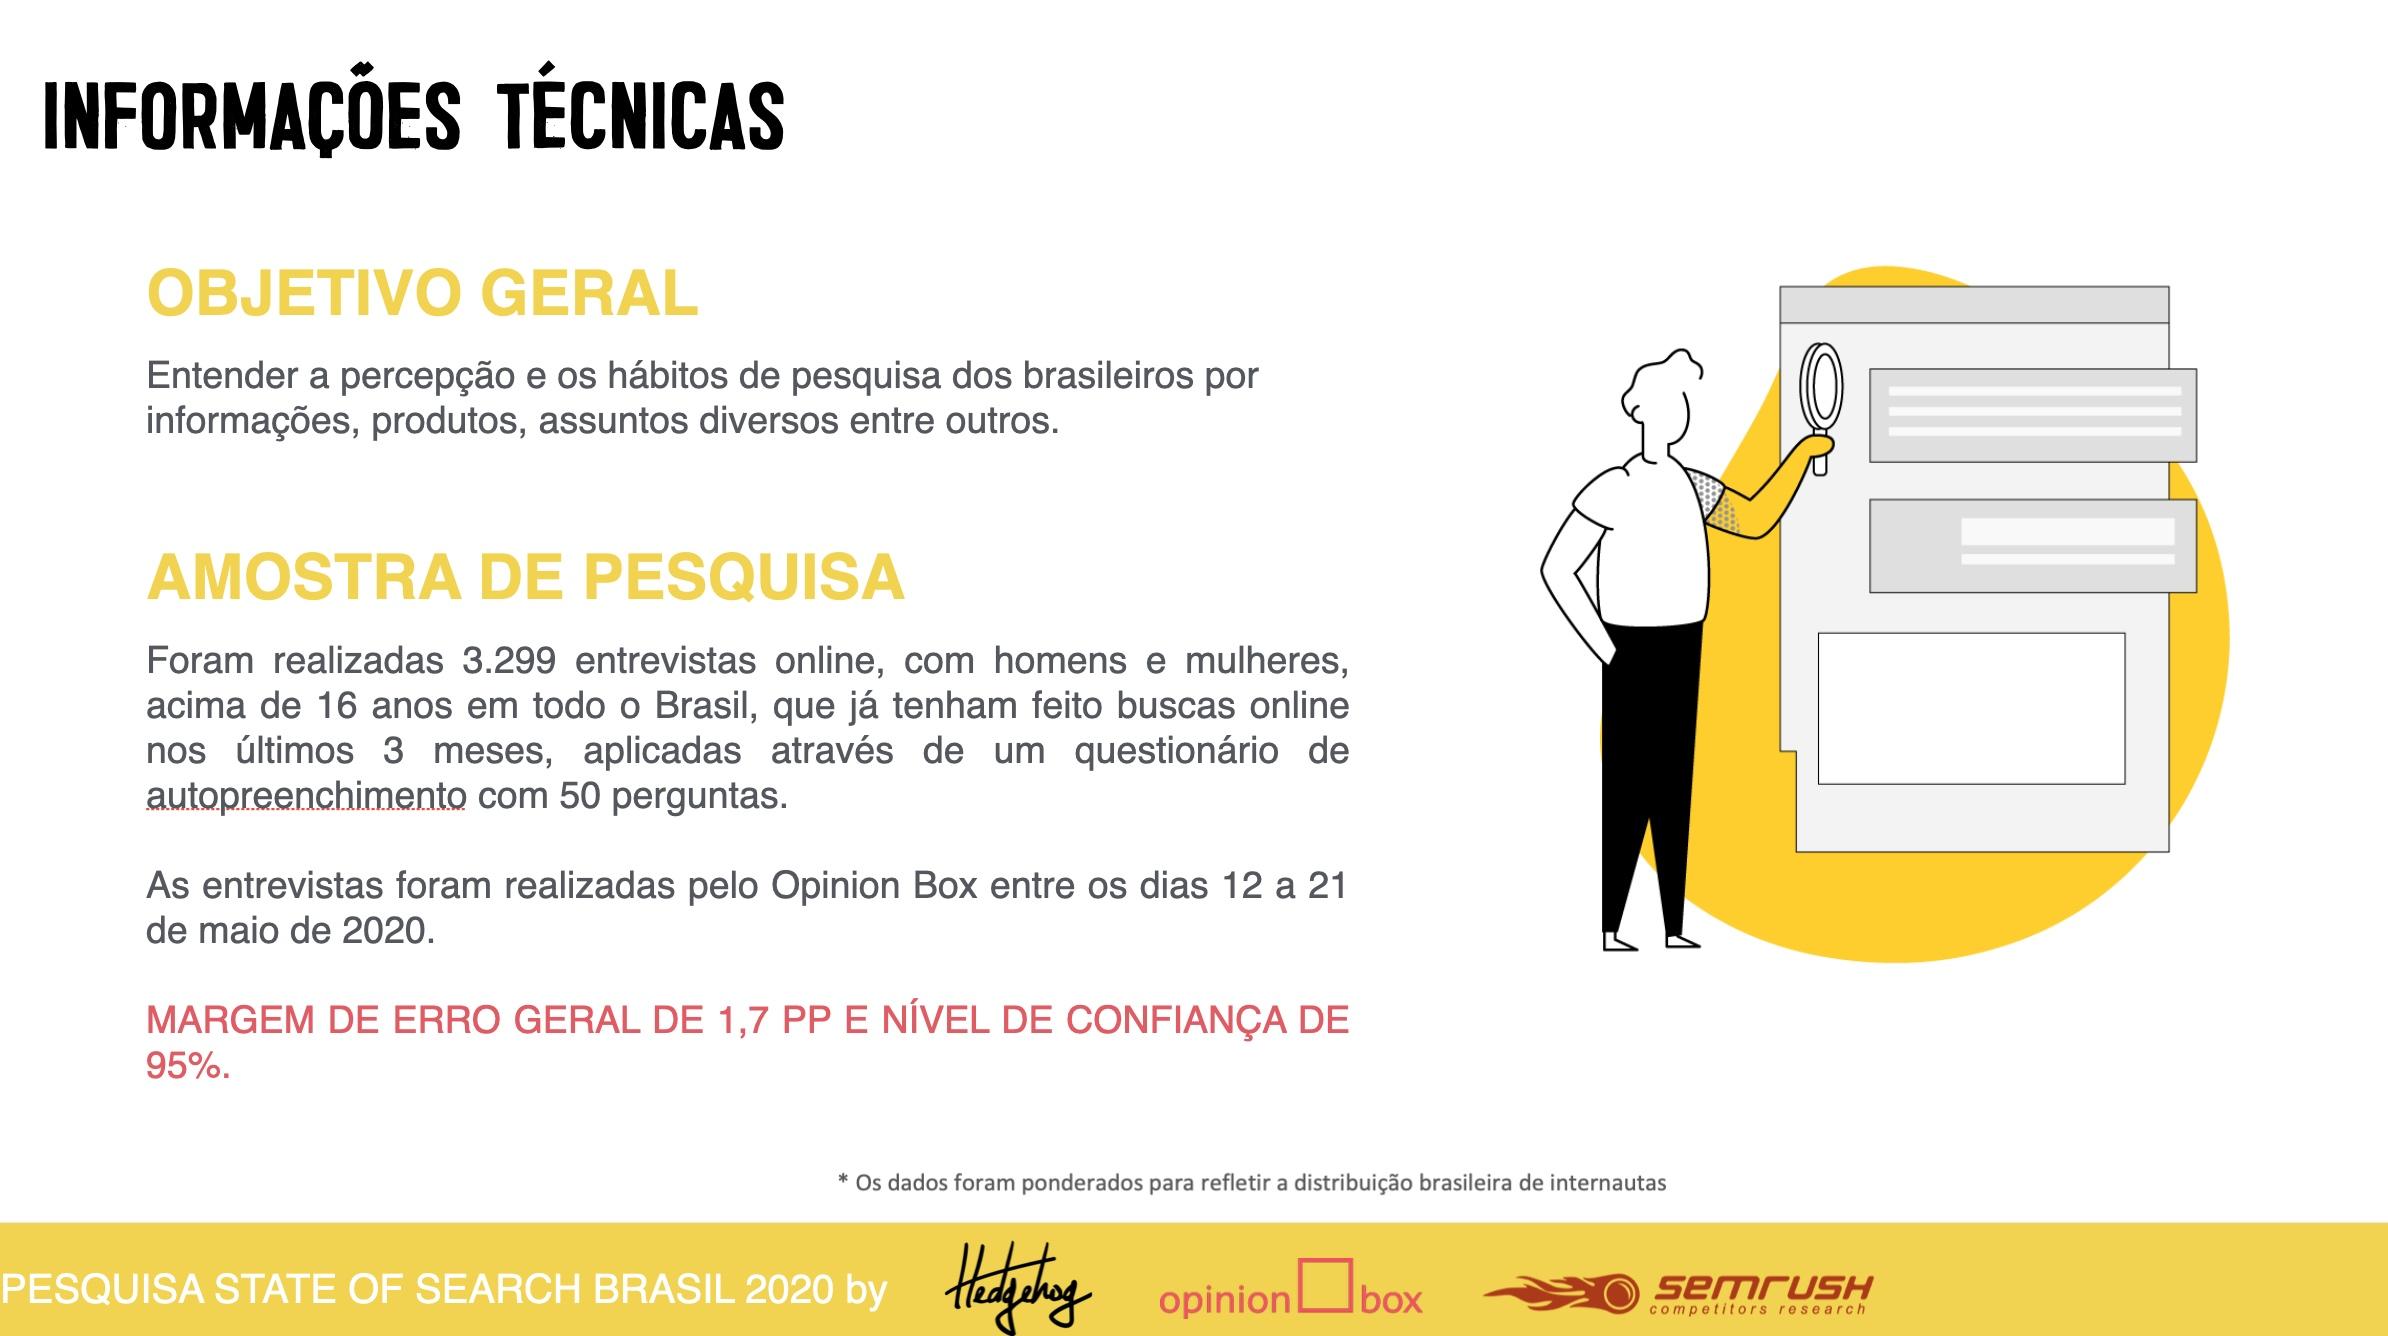 objetivo da pesquisa foi entender o comportamento de pesquisa online dos brasileiros